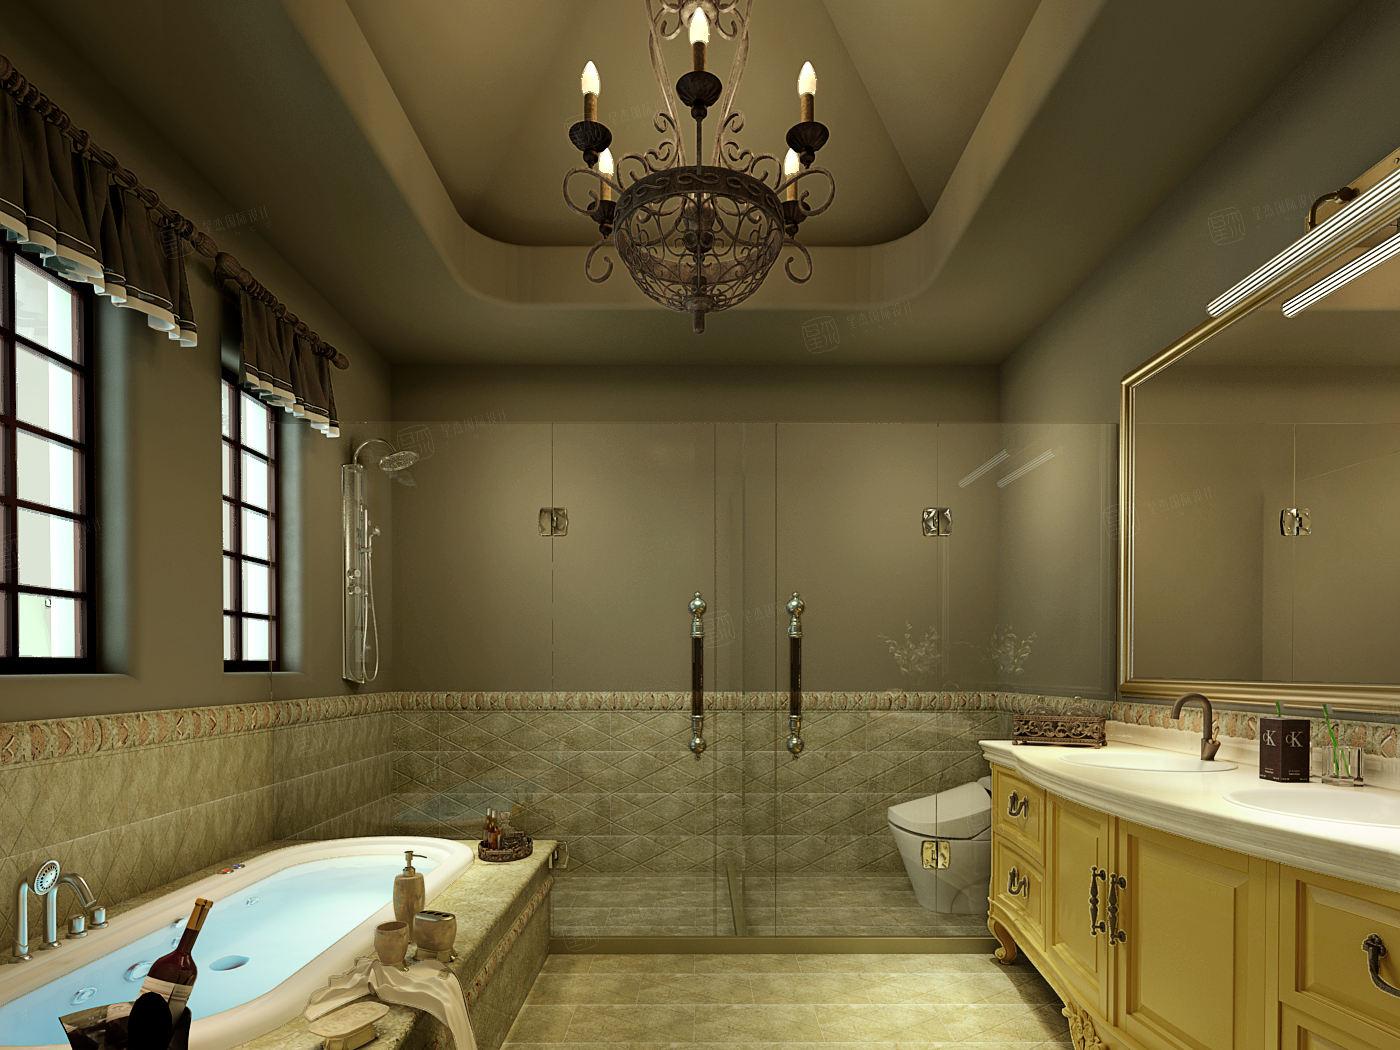 同润圣塔路斯 异域风情装修卫生间效果图